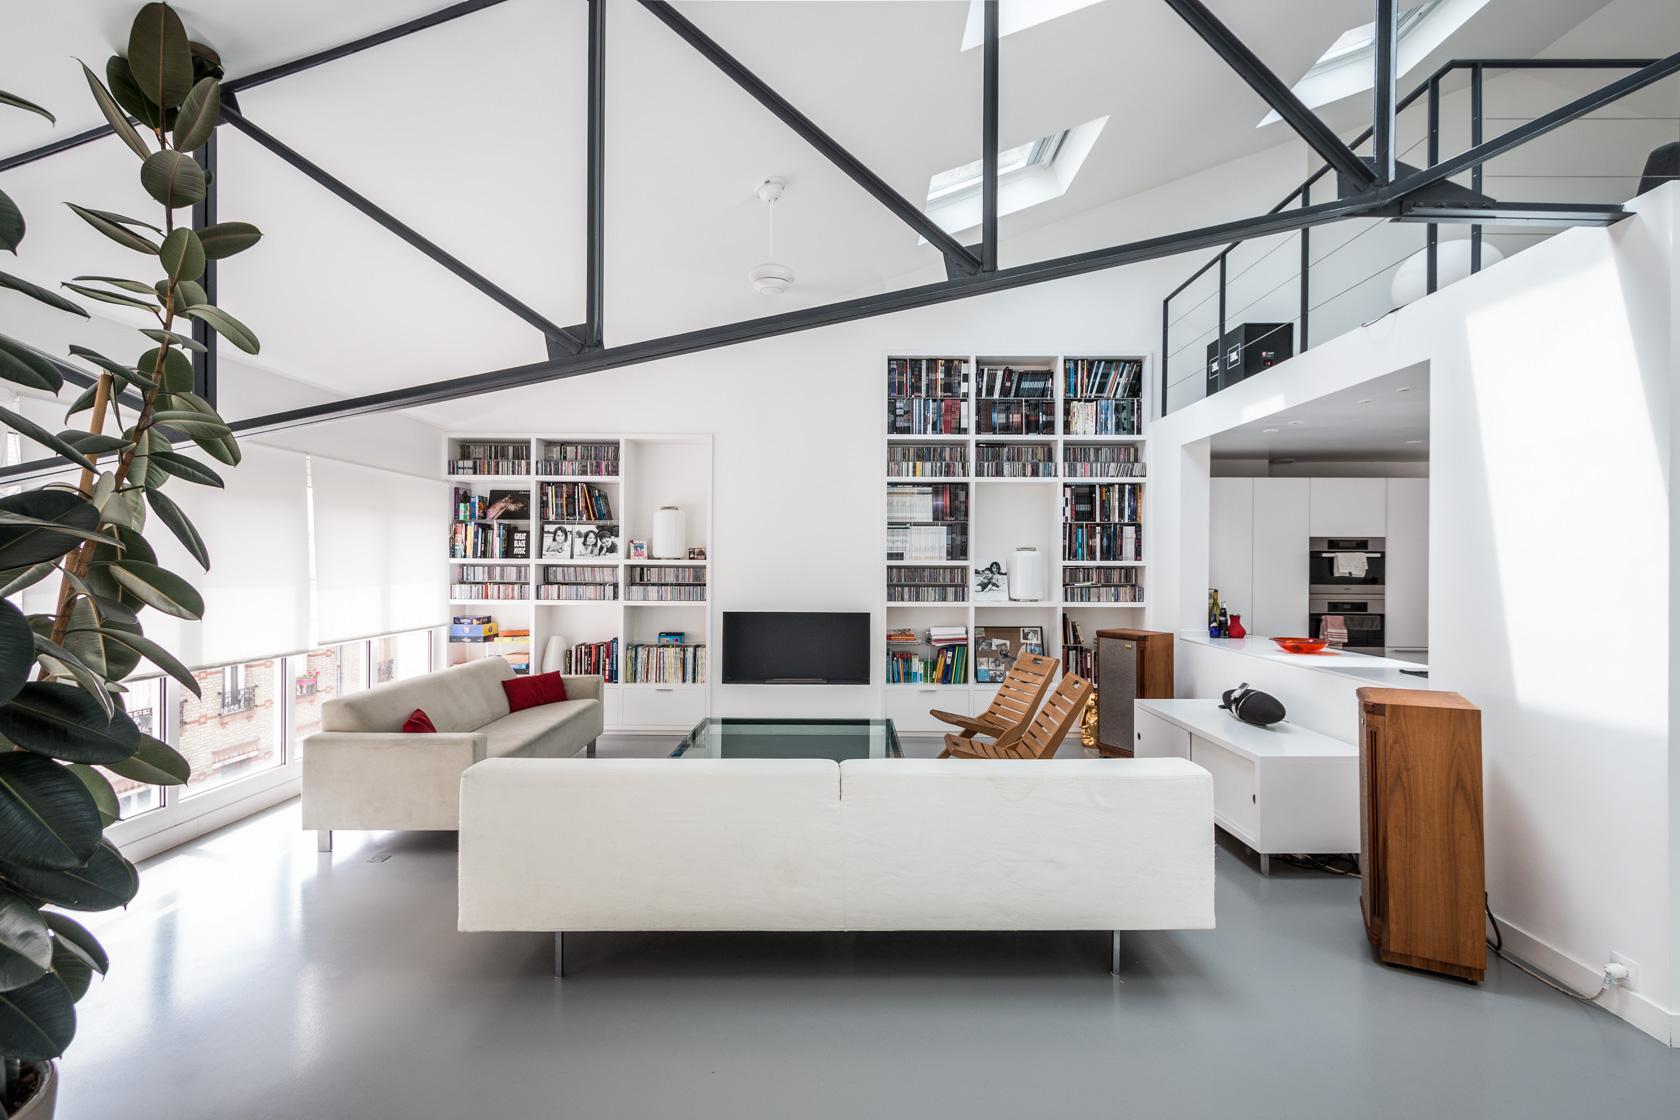 Espaces atypiques loft atelier terrasse maison - Loft angers a vendre ...